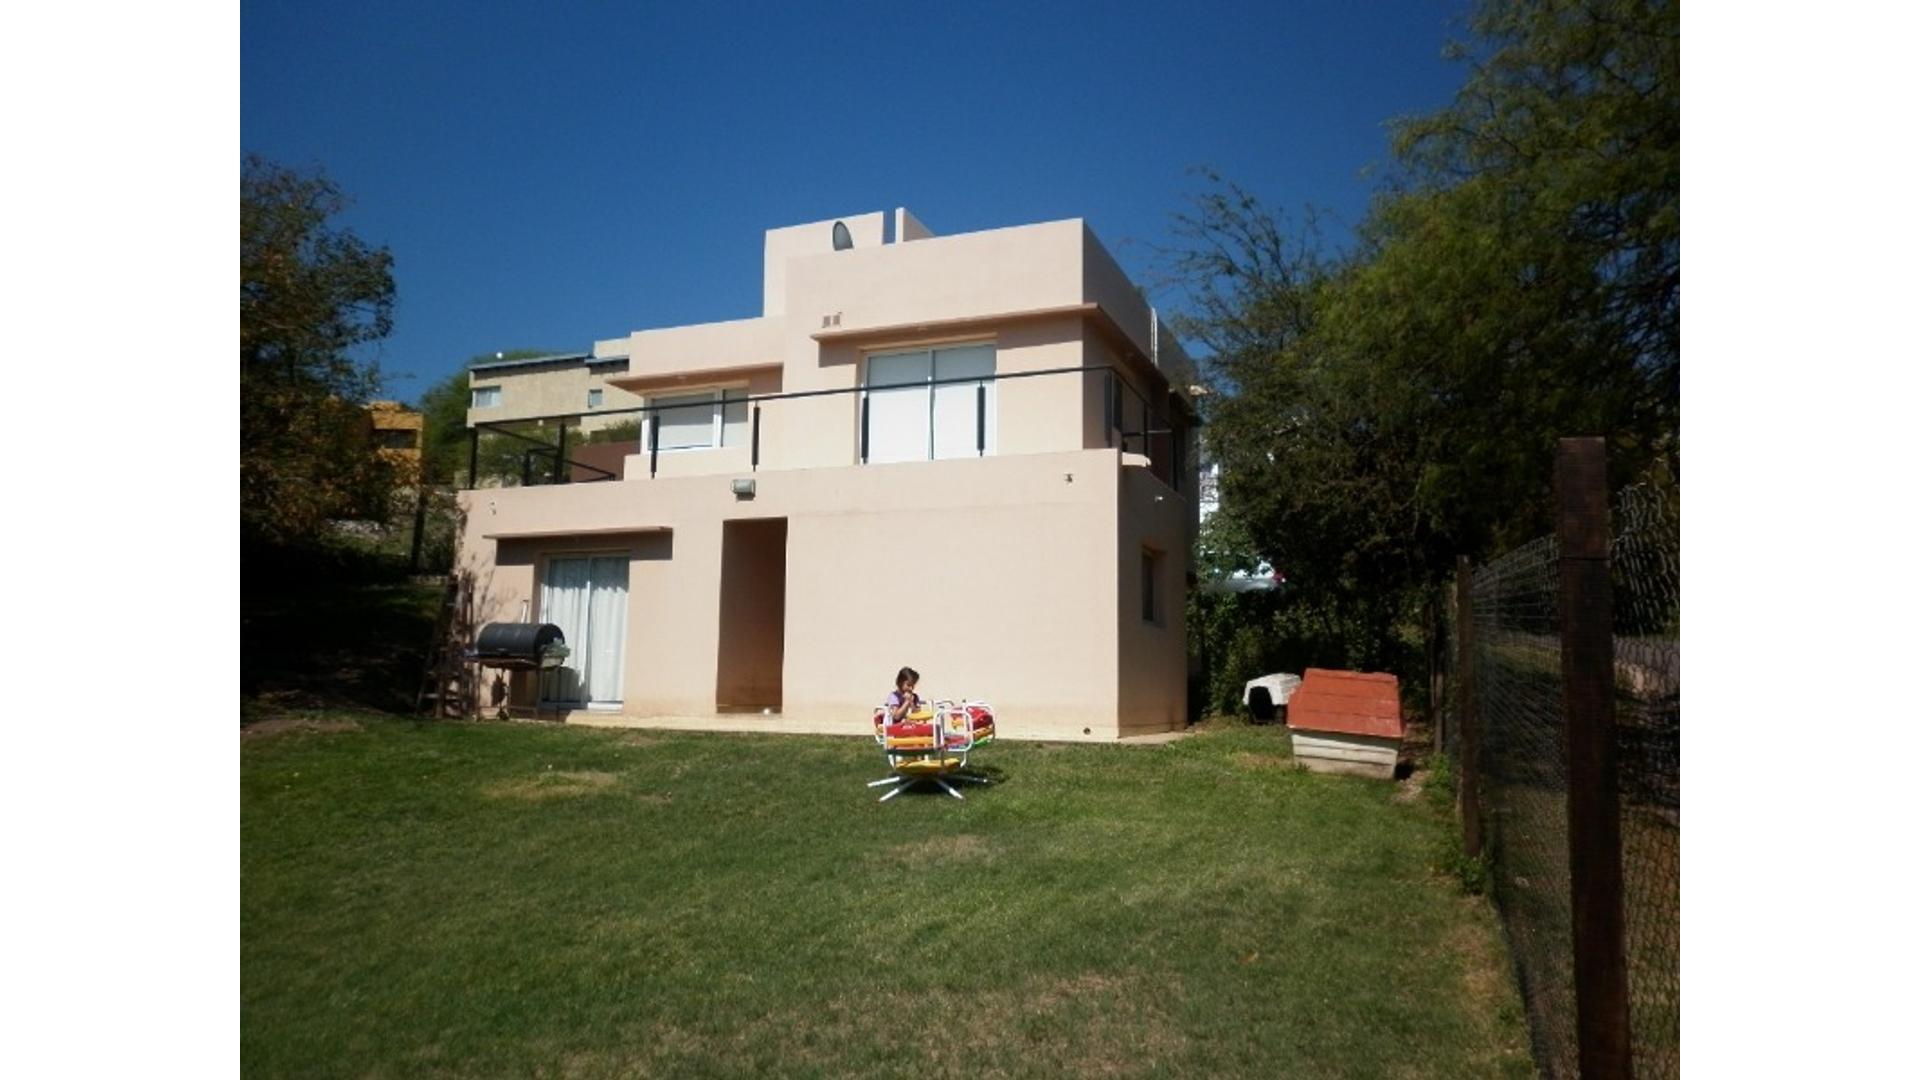 Country Villa Allende Cordoba Barrio Cerrado Grupoplot Com